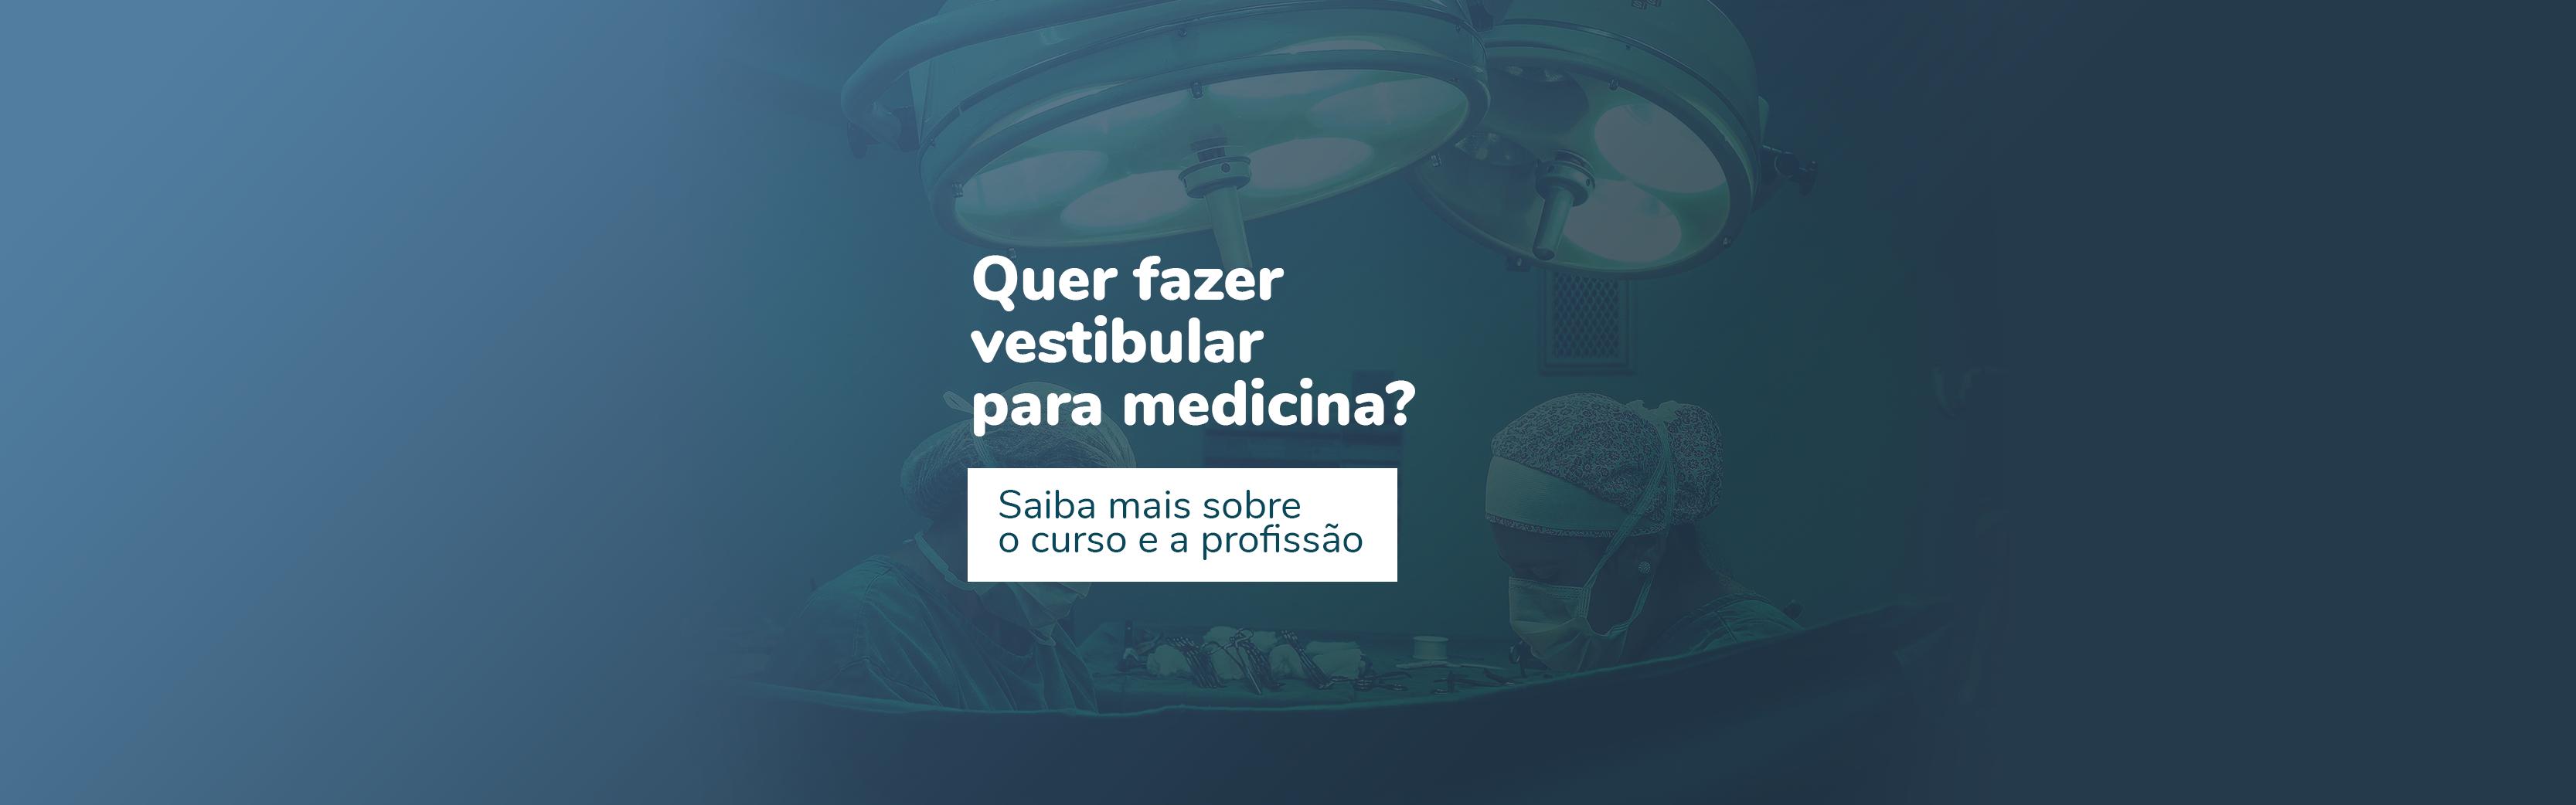 Quer fazer vestibular para medicina? Saiba mais sobre o curso e a profissão